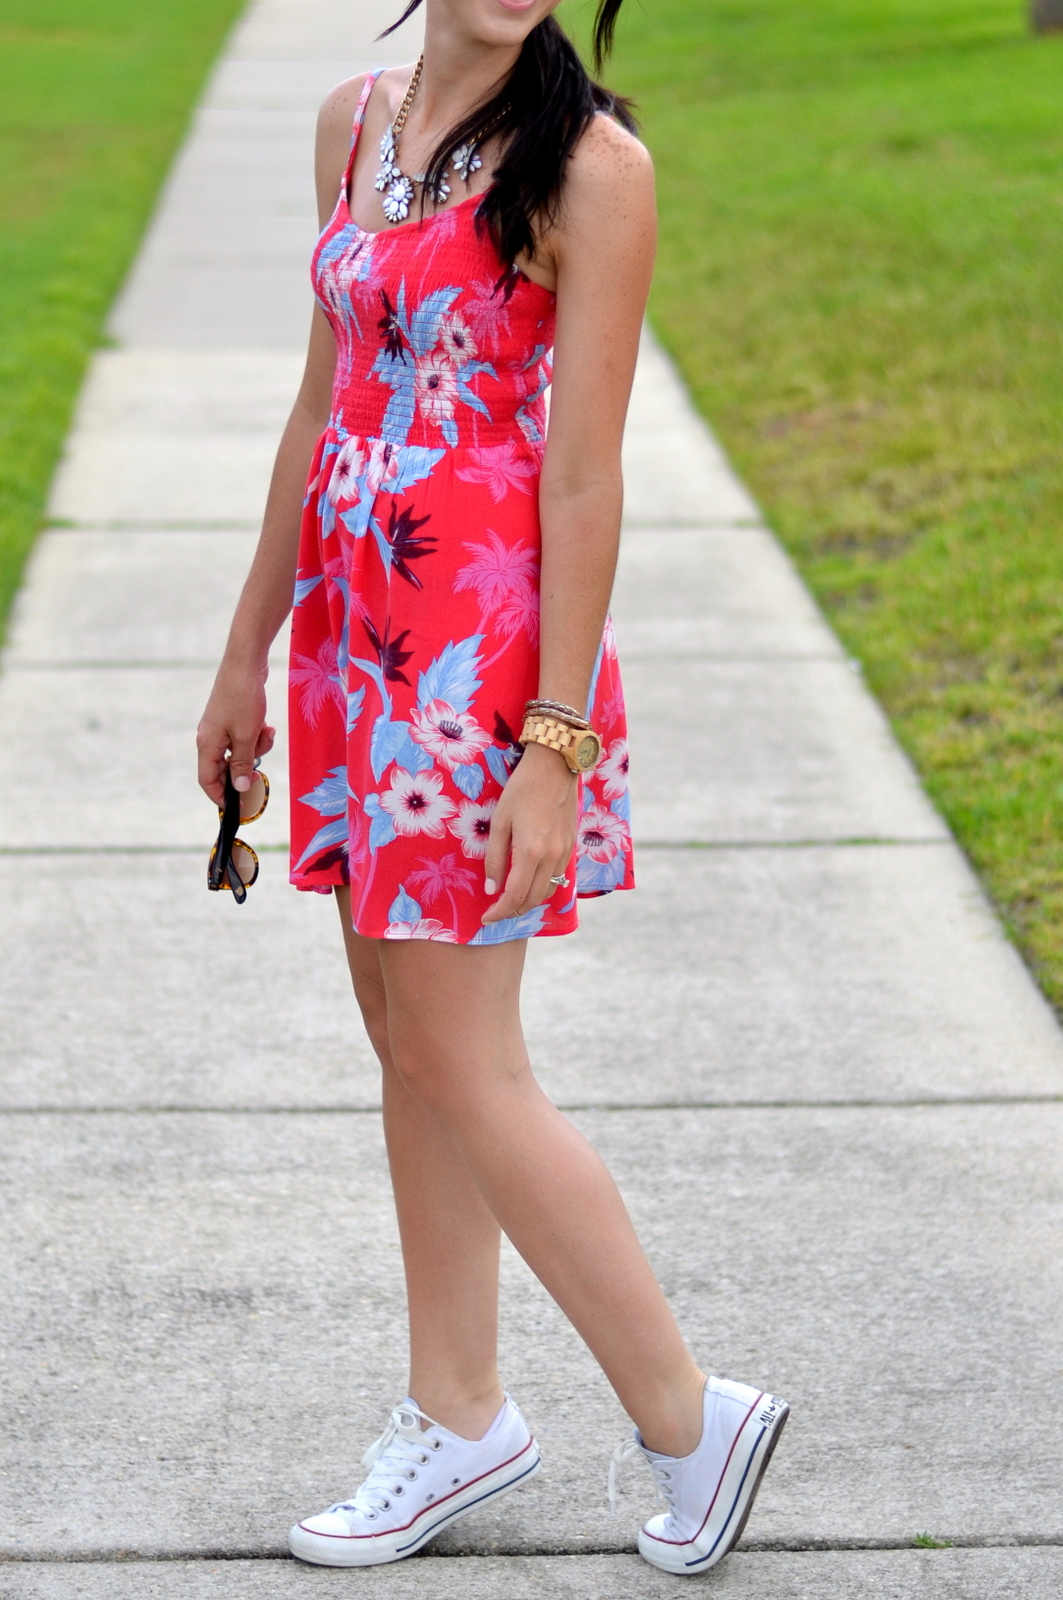 Summer Dress & Converse